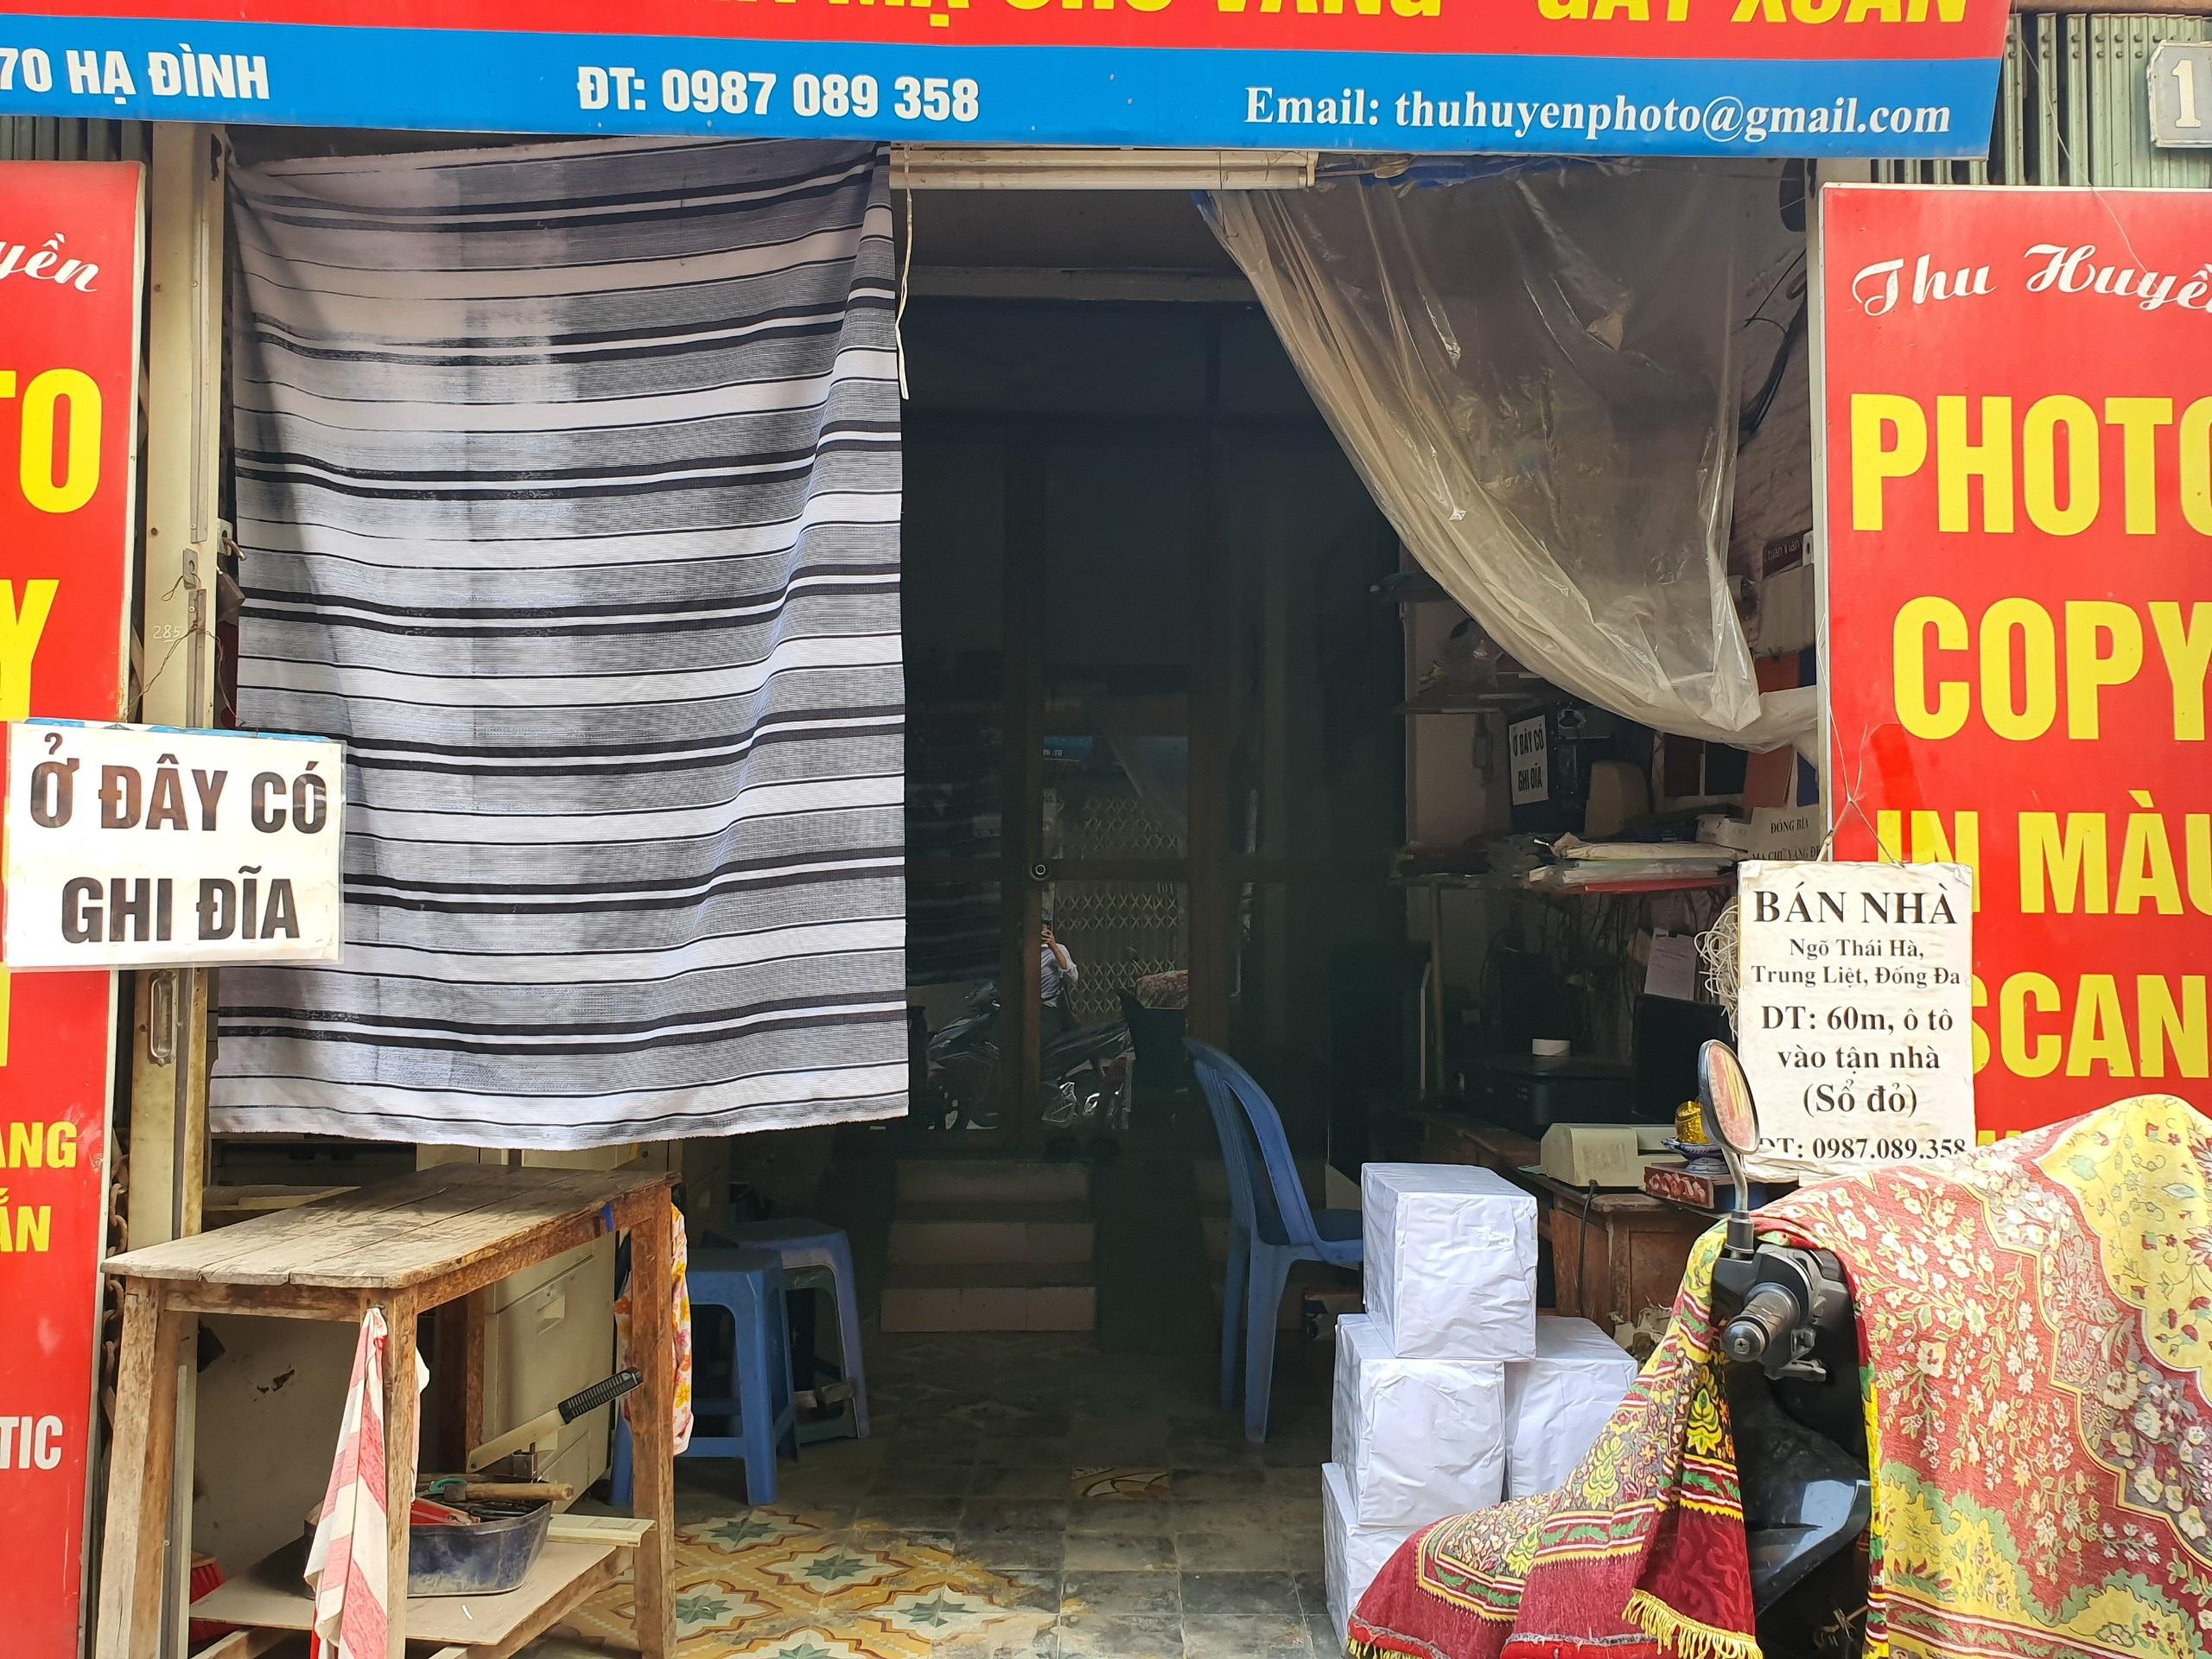 Hàng quán đóng cửa sang nhượng, dân quanh Công ty Rạng Đông thi nhau bán nhà - 5